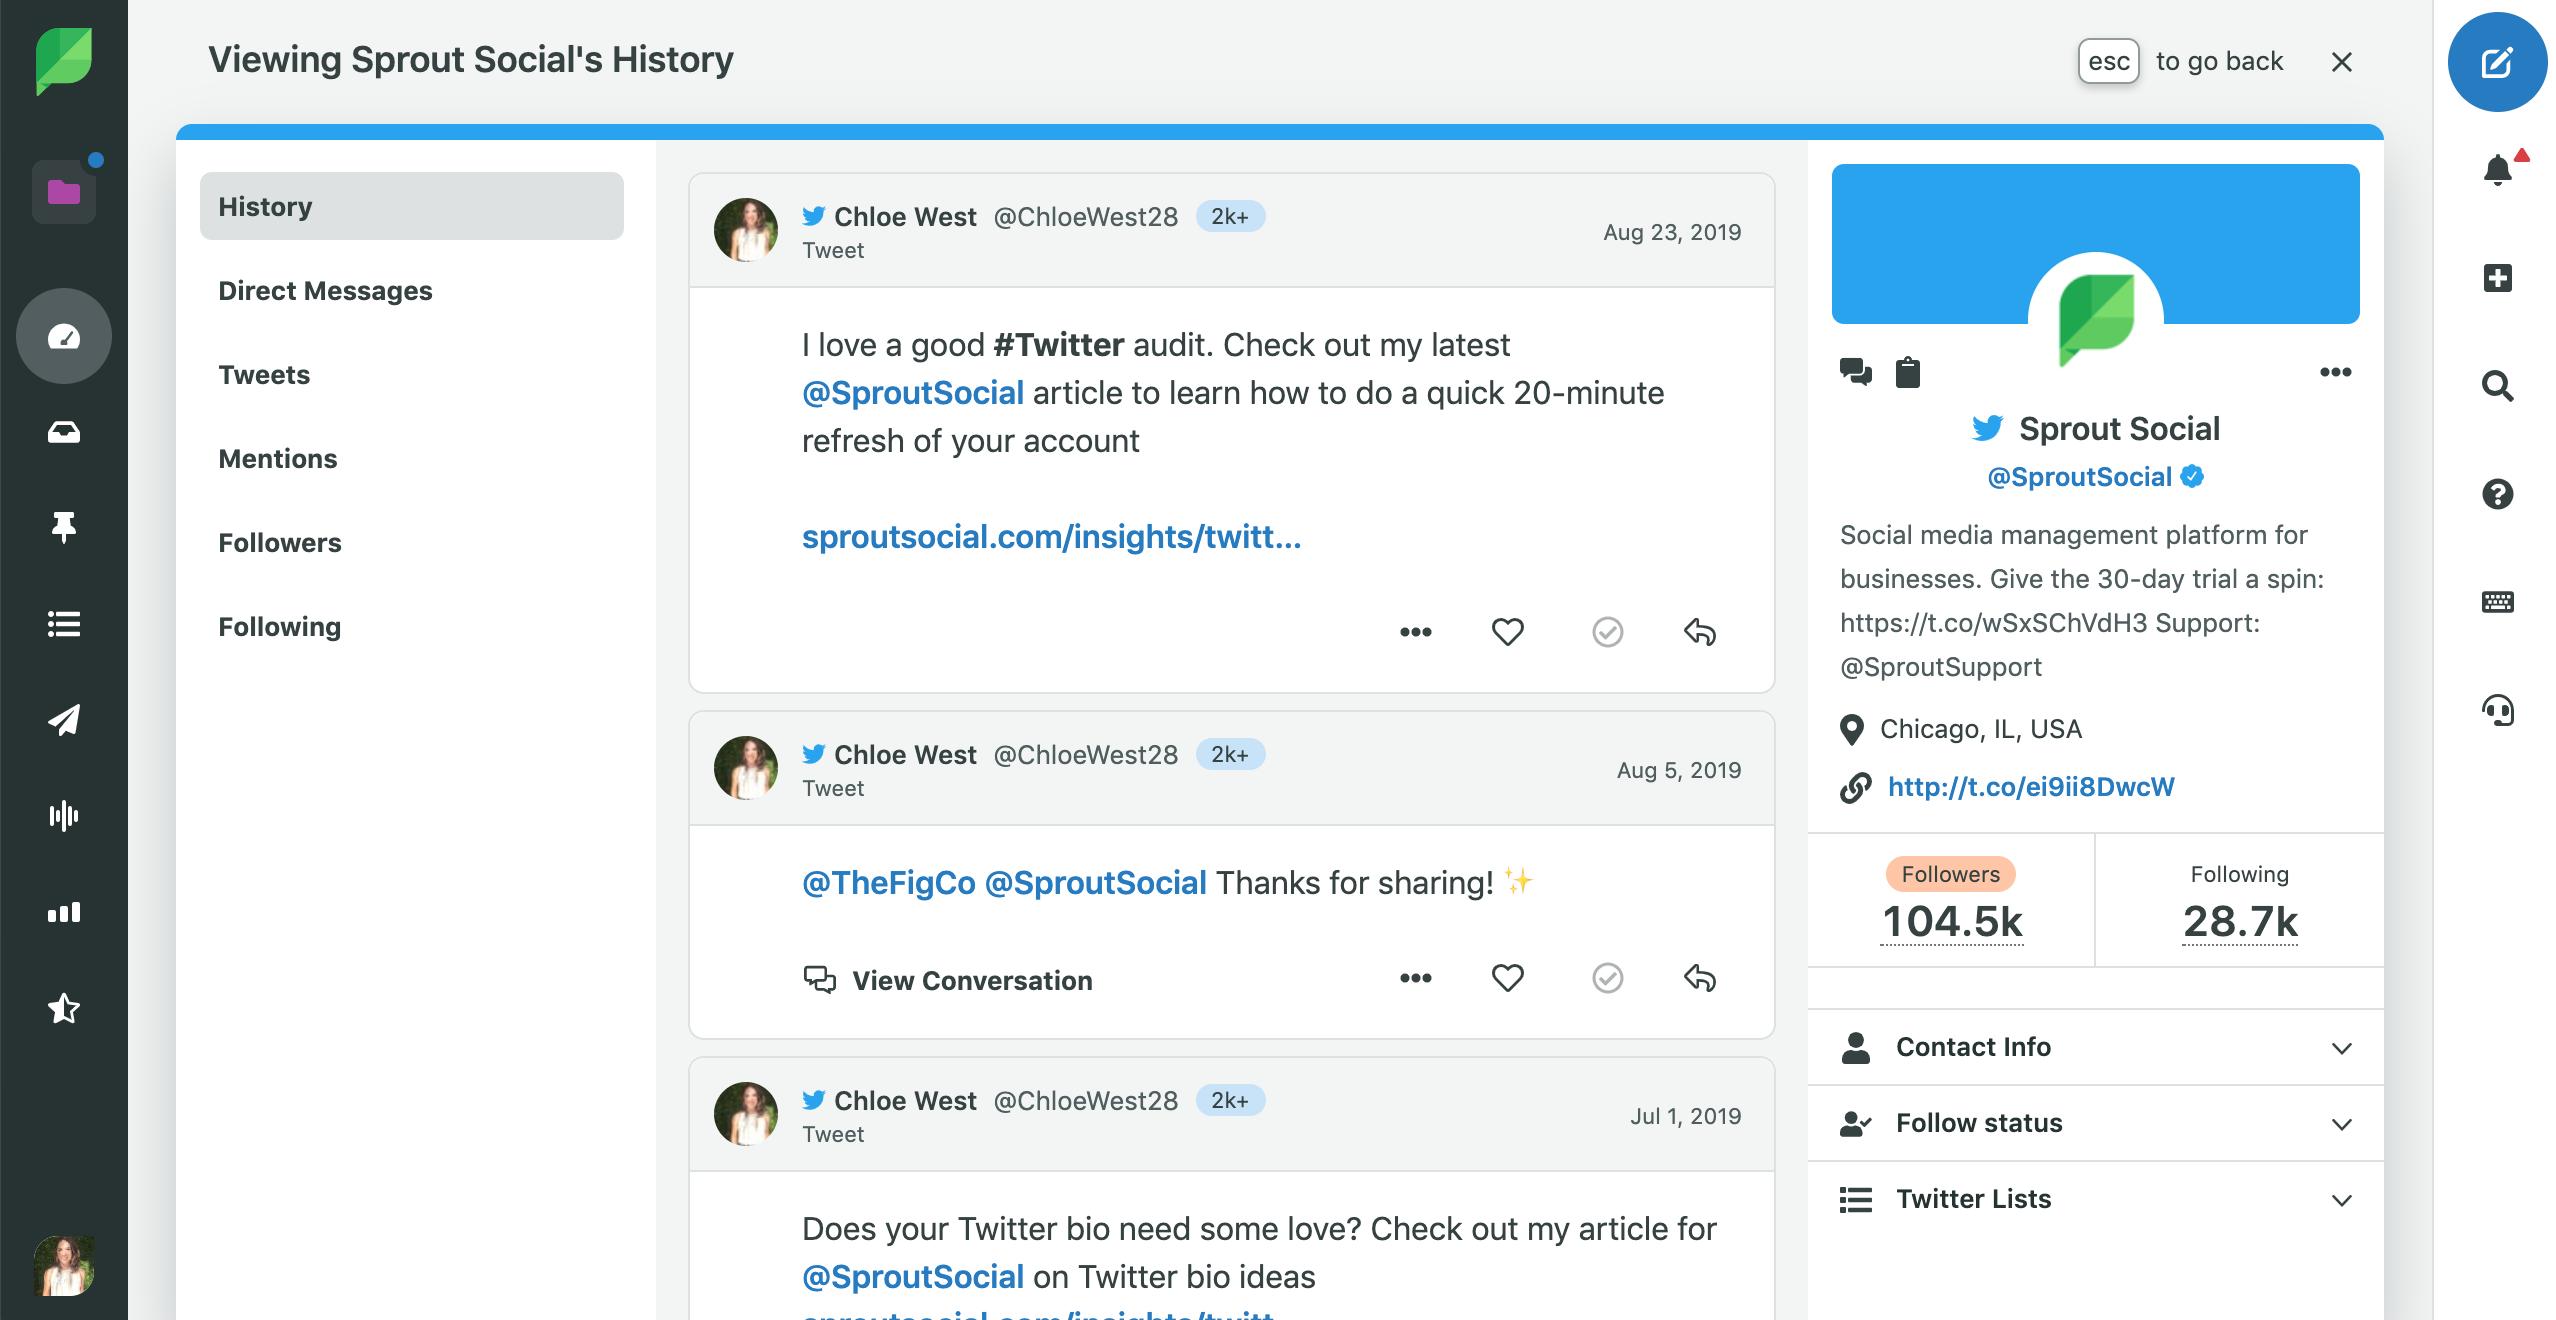 buscar el historial de twitter en Sprout